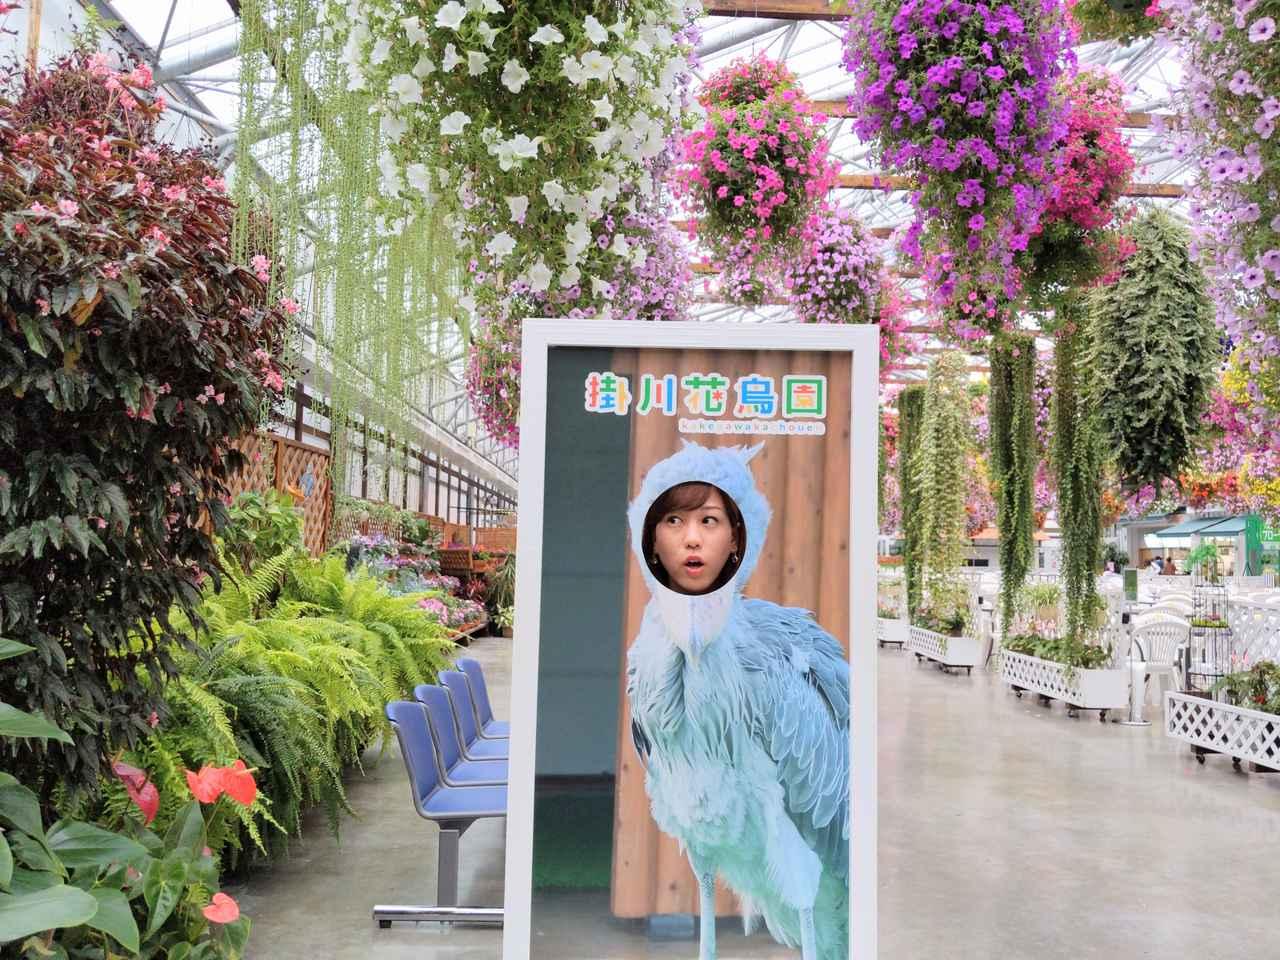 画像: はしびる  鳥だけじゃなくお花も圧巻